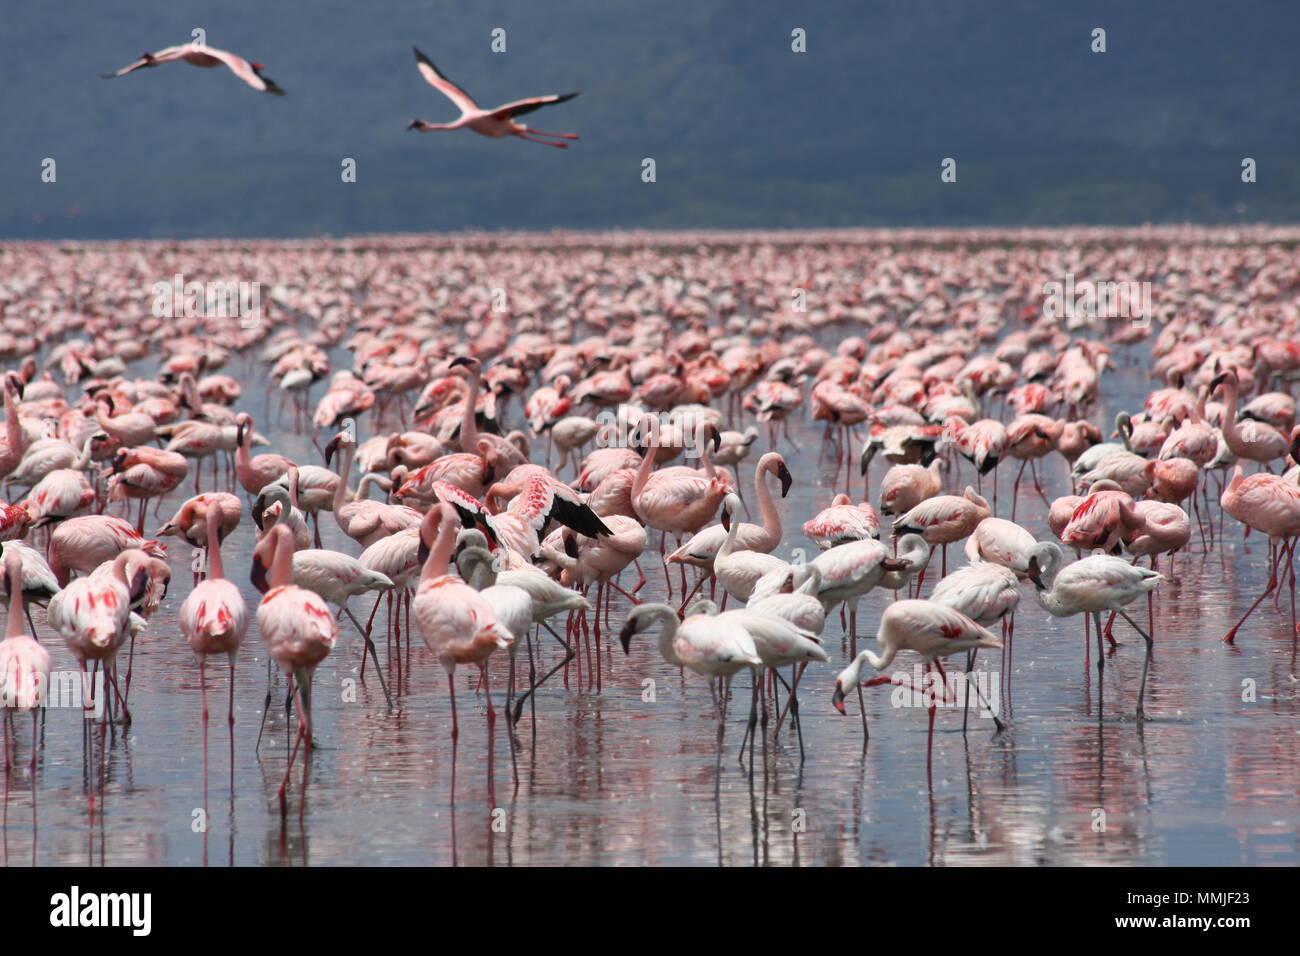 Pink Flamingos at Lake Nakuru - Stock Image